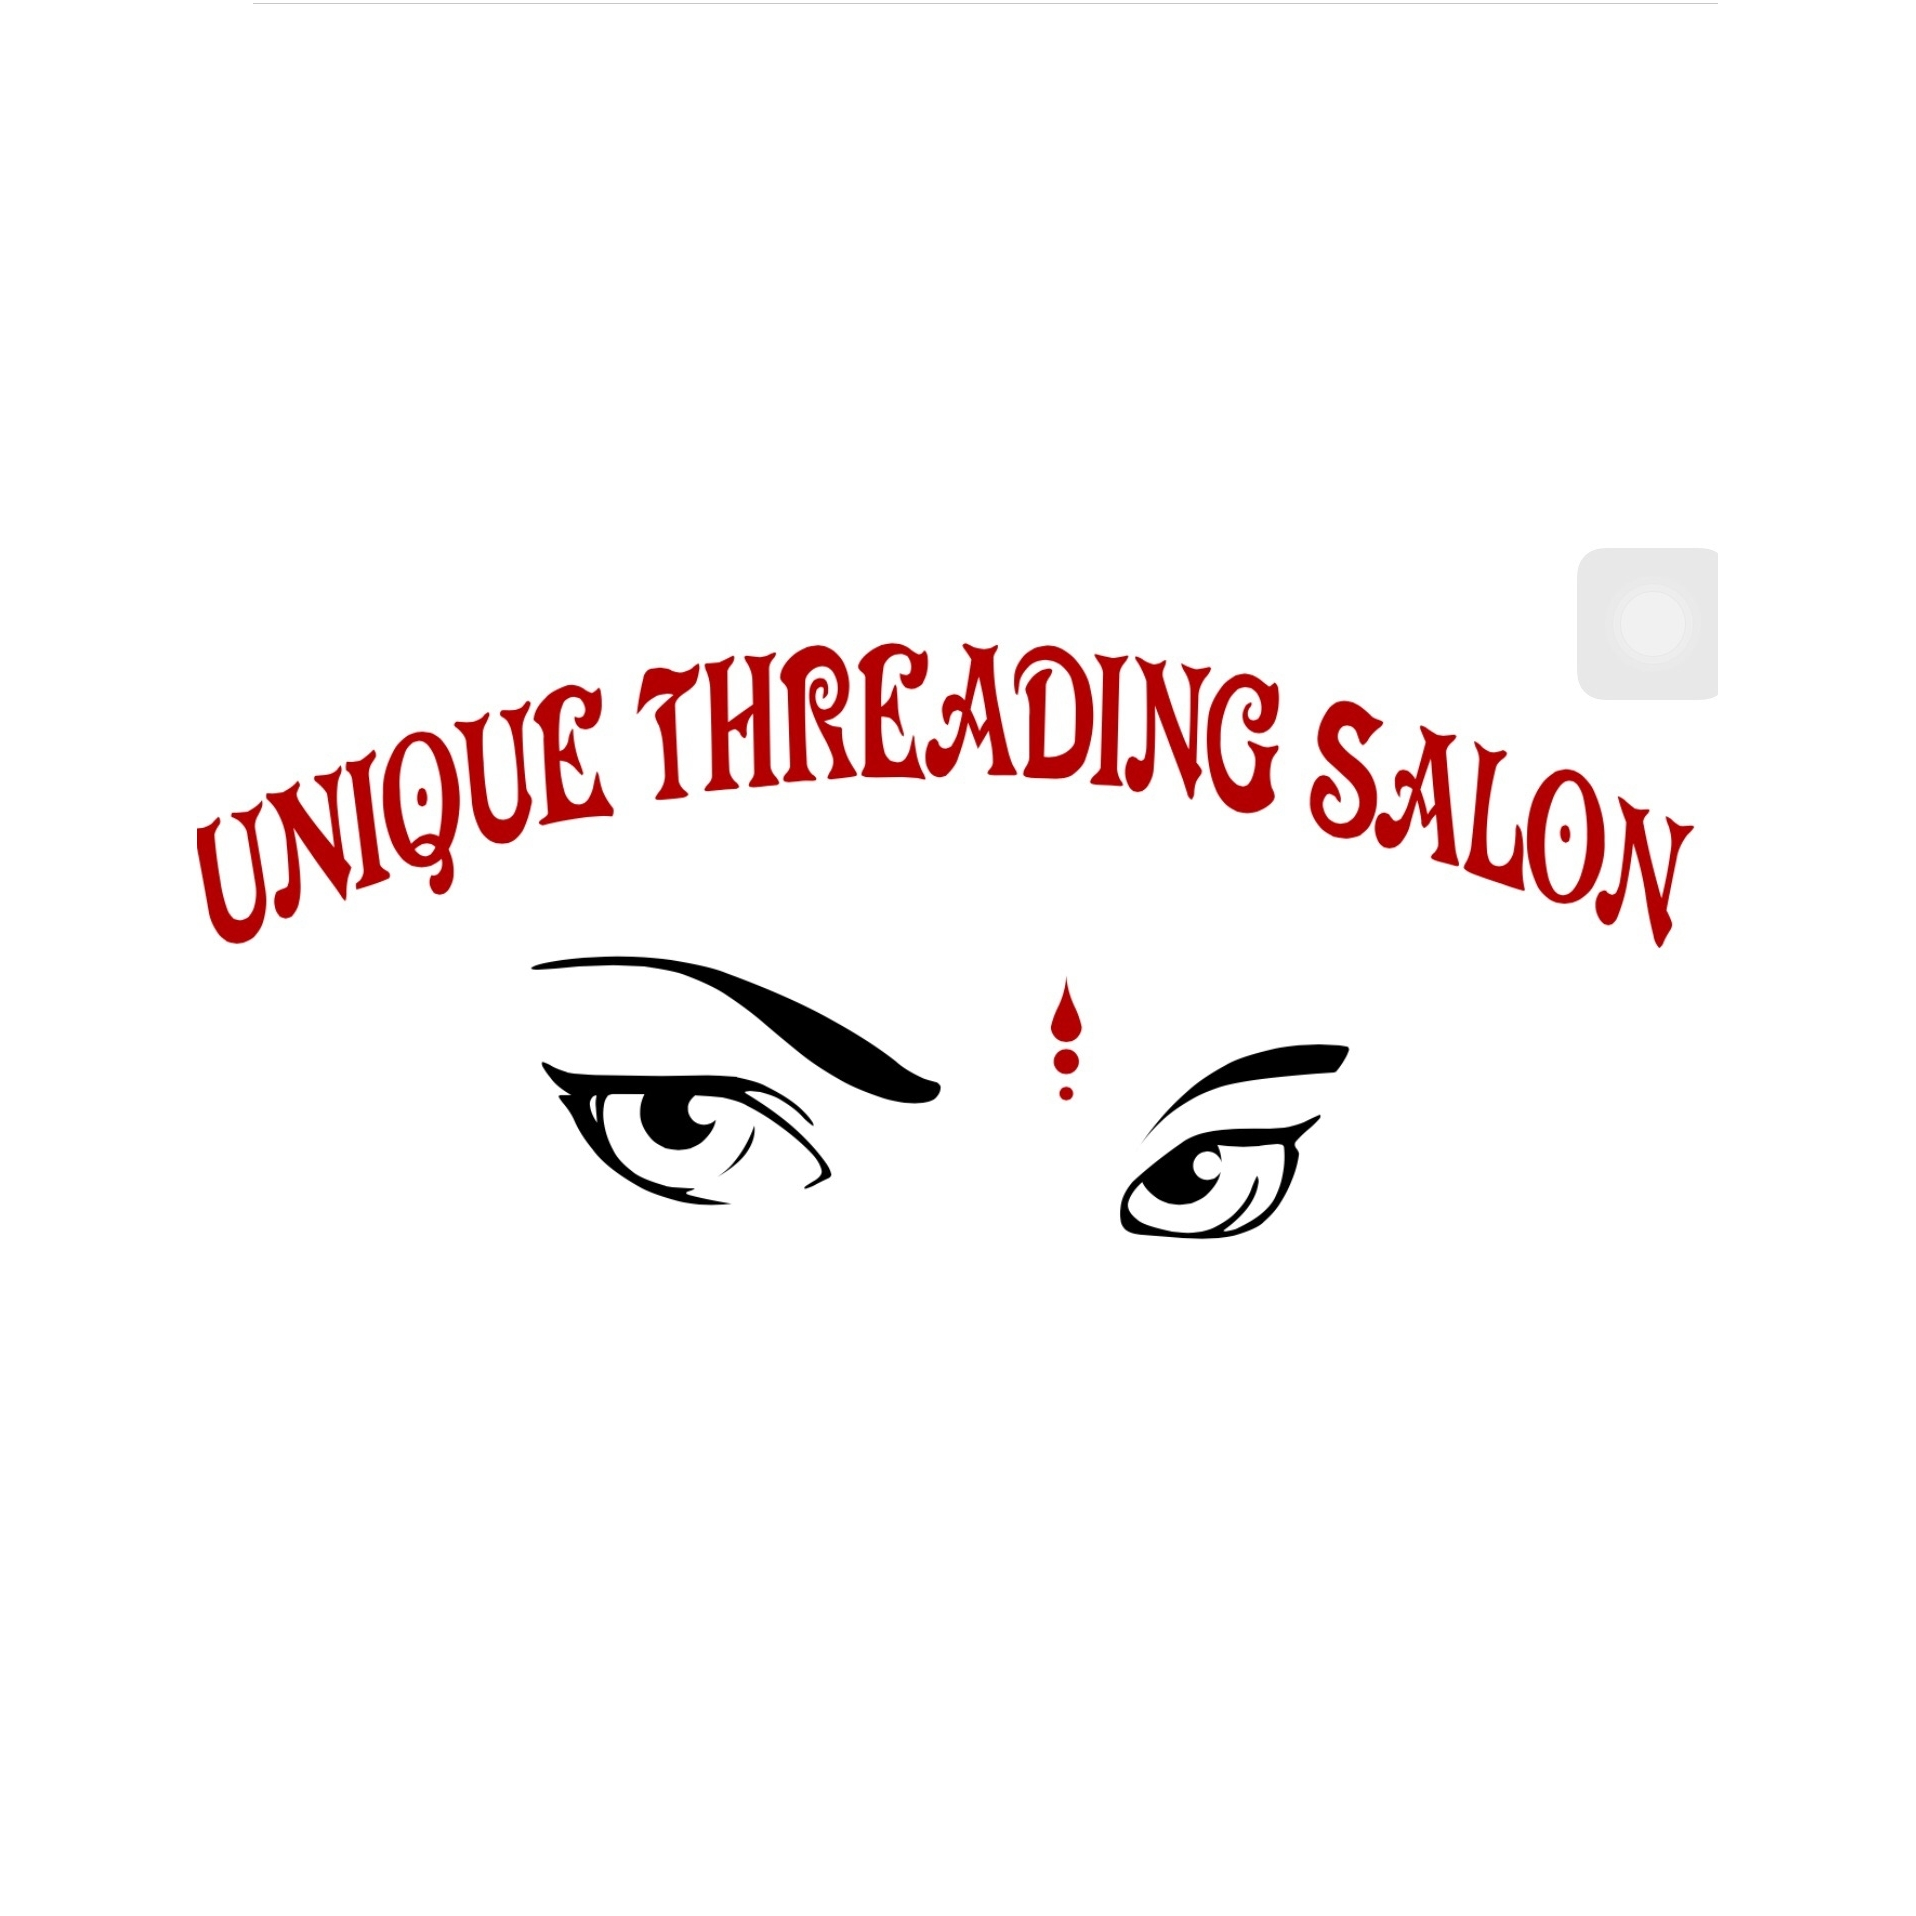 Unique threading salon